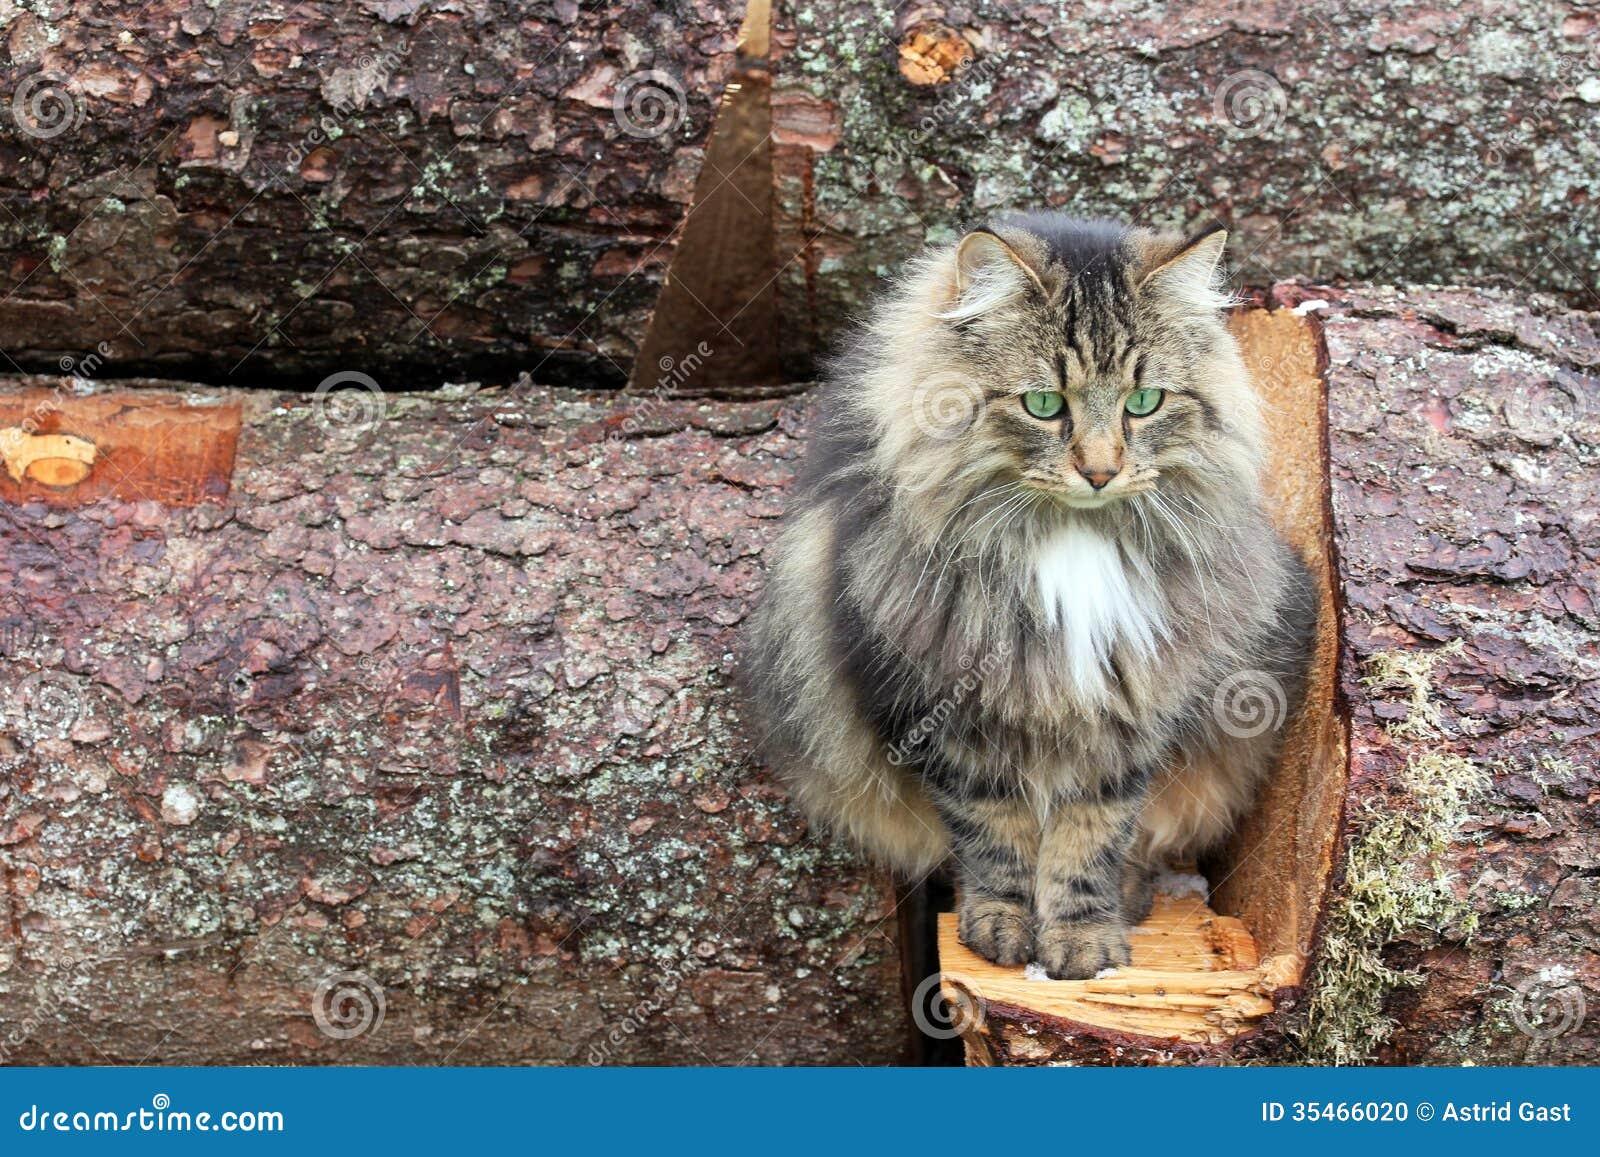 Norwegian Cats Pictures